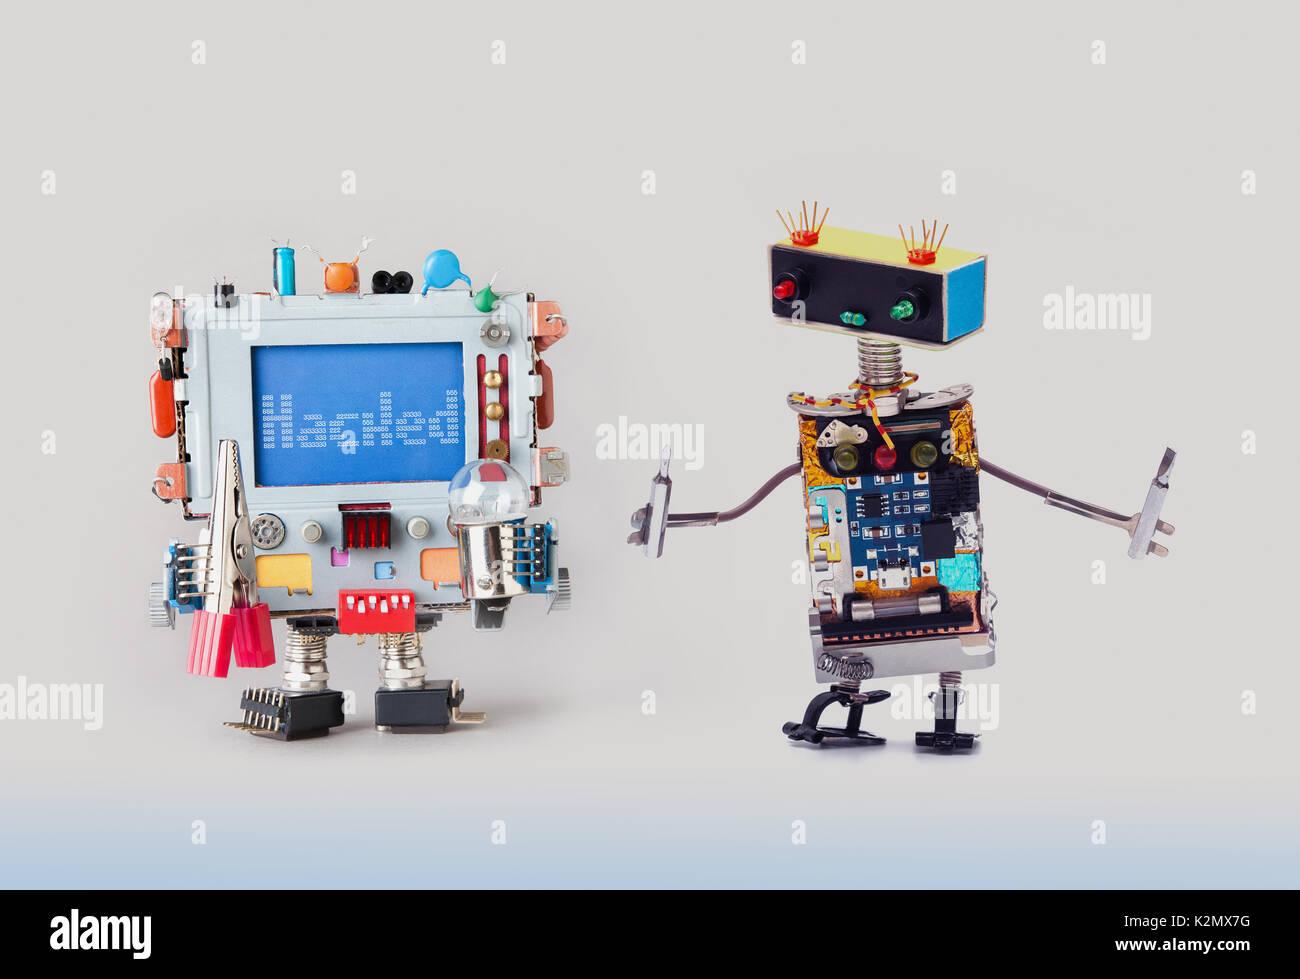 Concept de la cyber-criminalité. Il robot spécialiste militaire avec des tournevis à la couleur à l'ordinateur. Message d'avertissement d'alerte sur l'écran bleu piraté. Gray gradient background Photo Stock